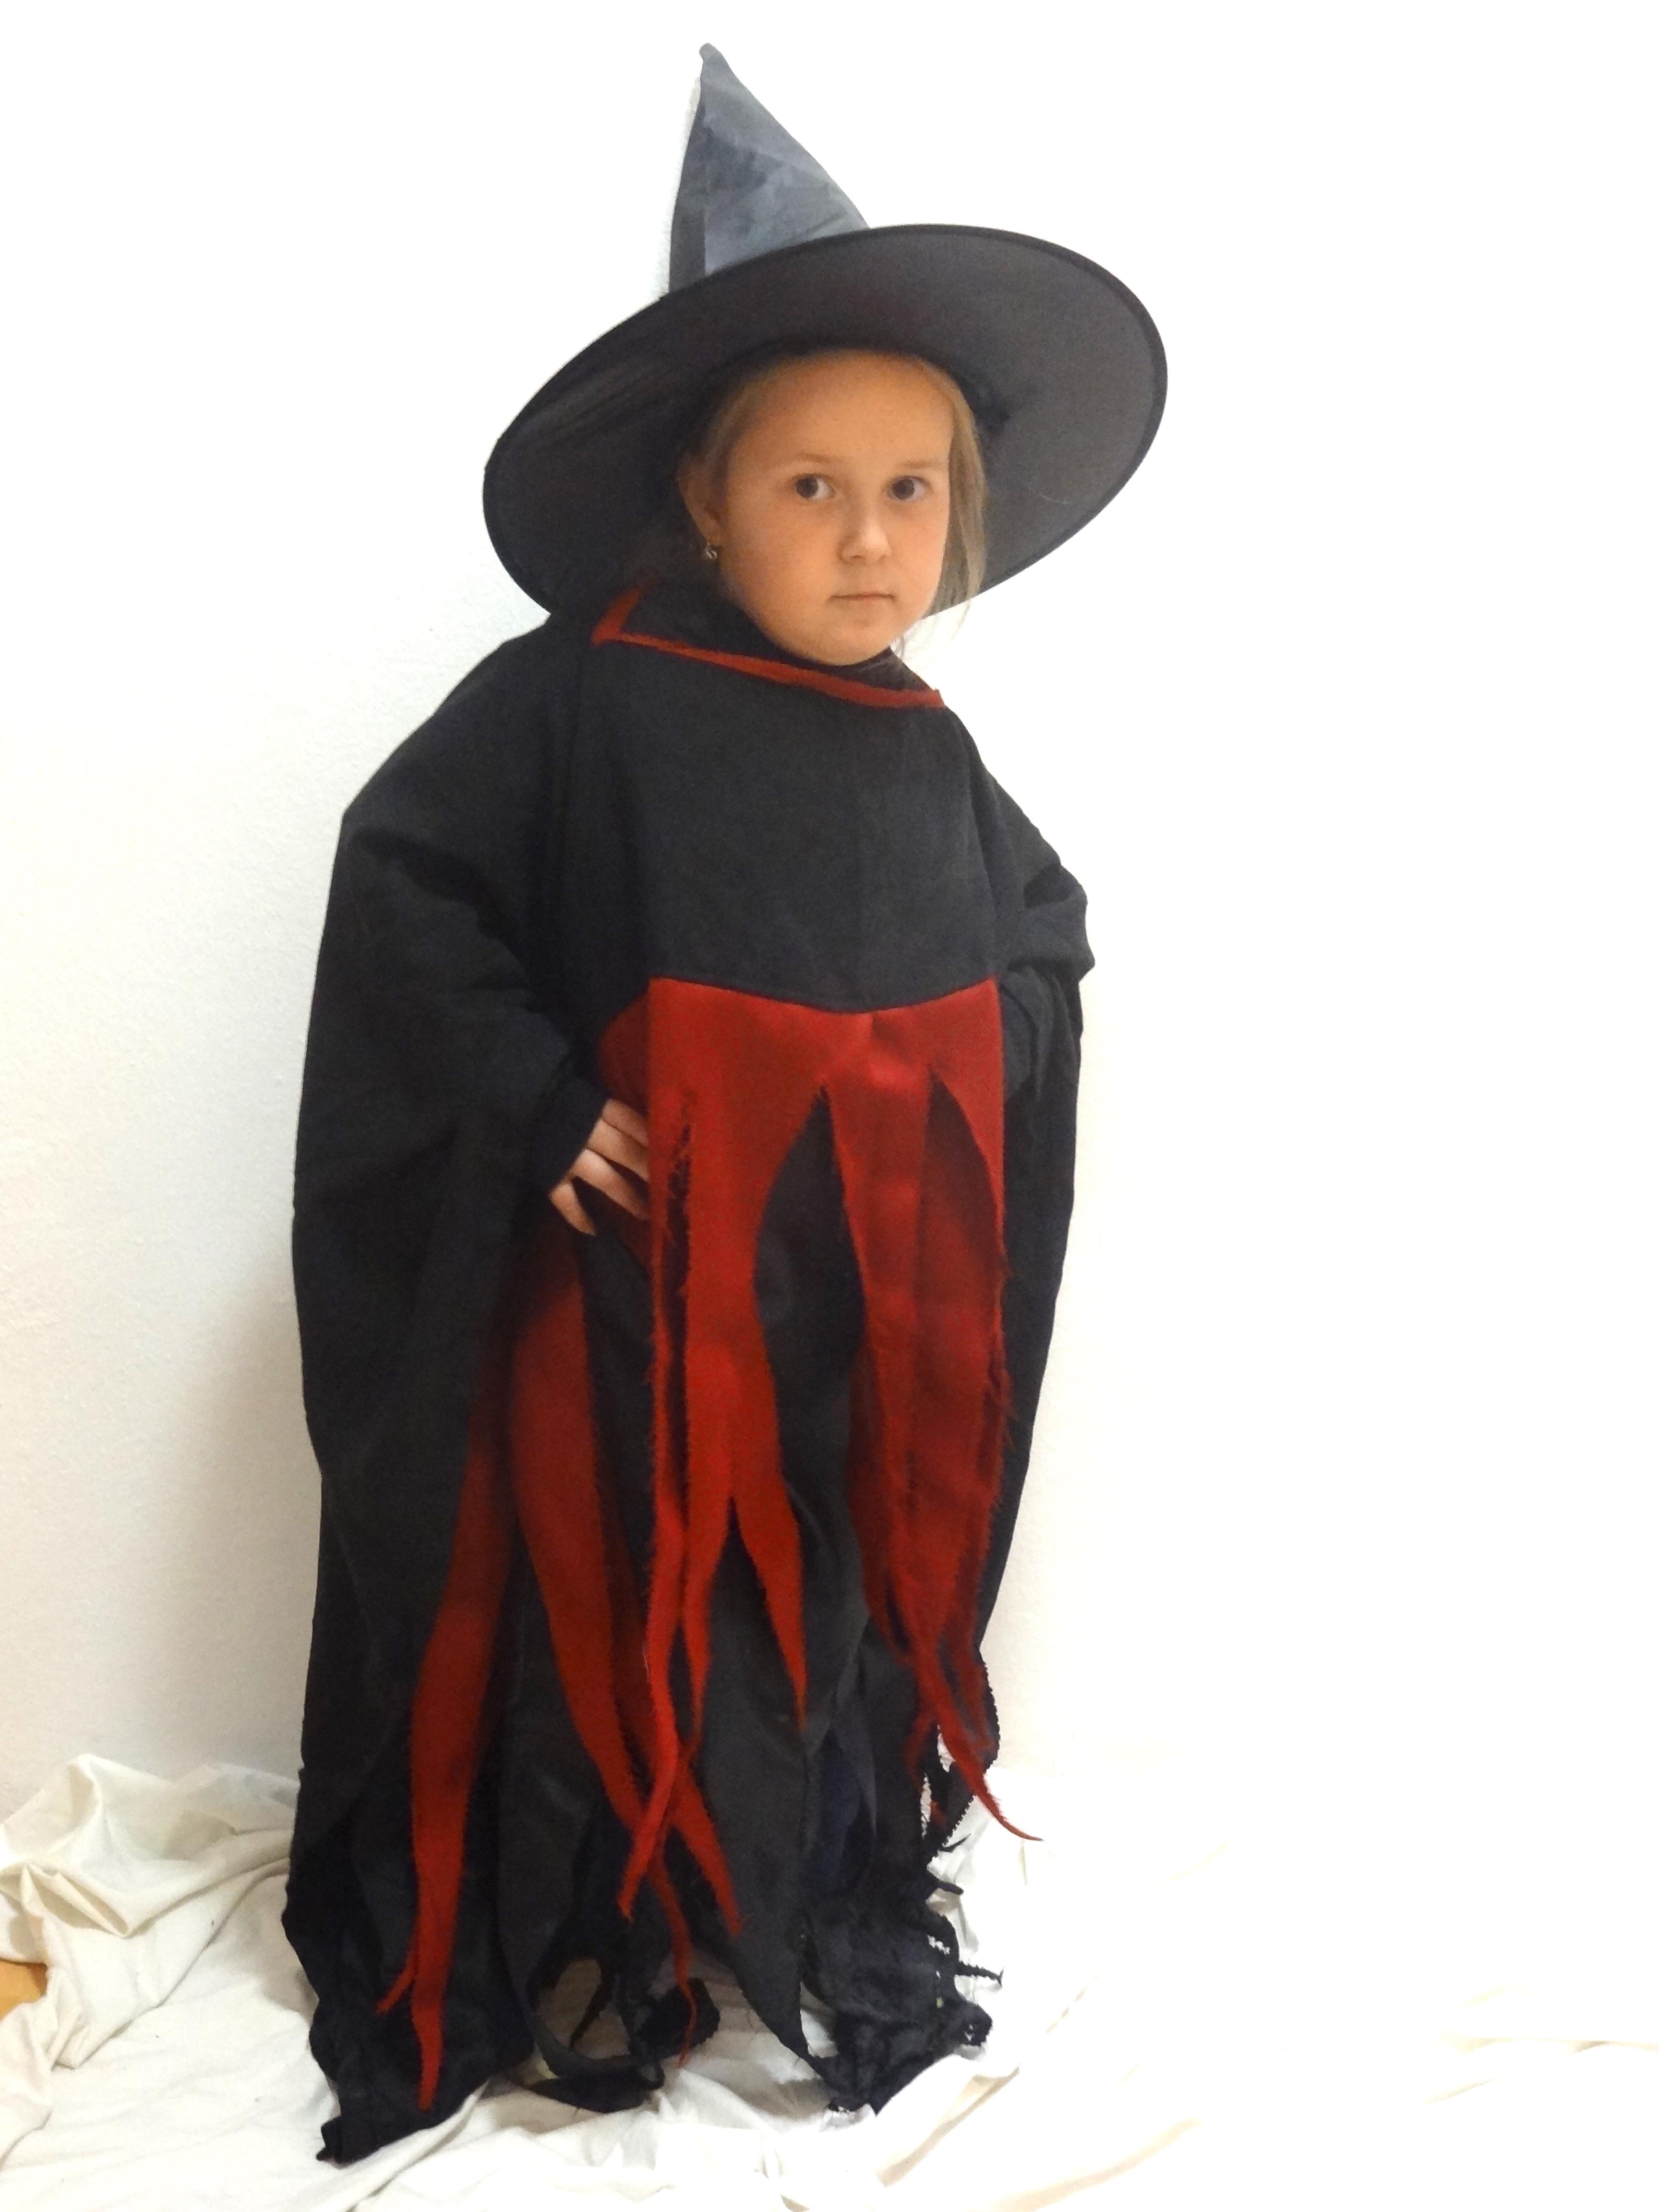 ba5f36a3d Kostým obsahuje dlhé šaty, plášť čierny s bordovými strapcami a  čarodejnícky klobúk